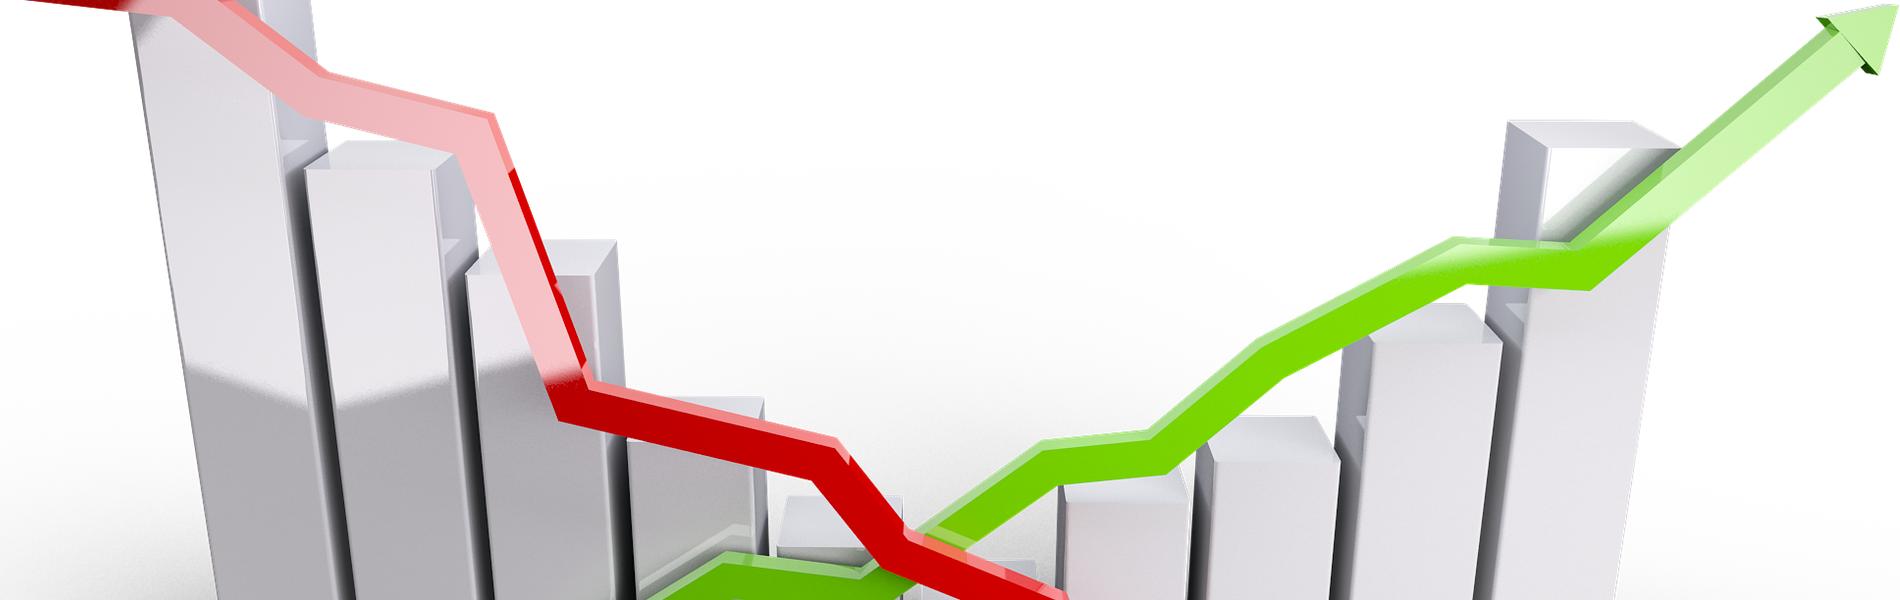 資金繰り管理 企業の存続・発展